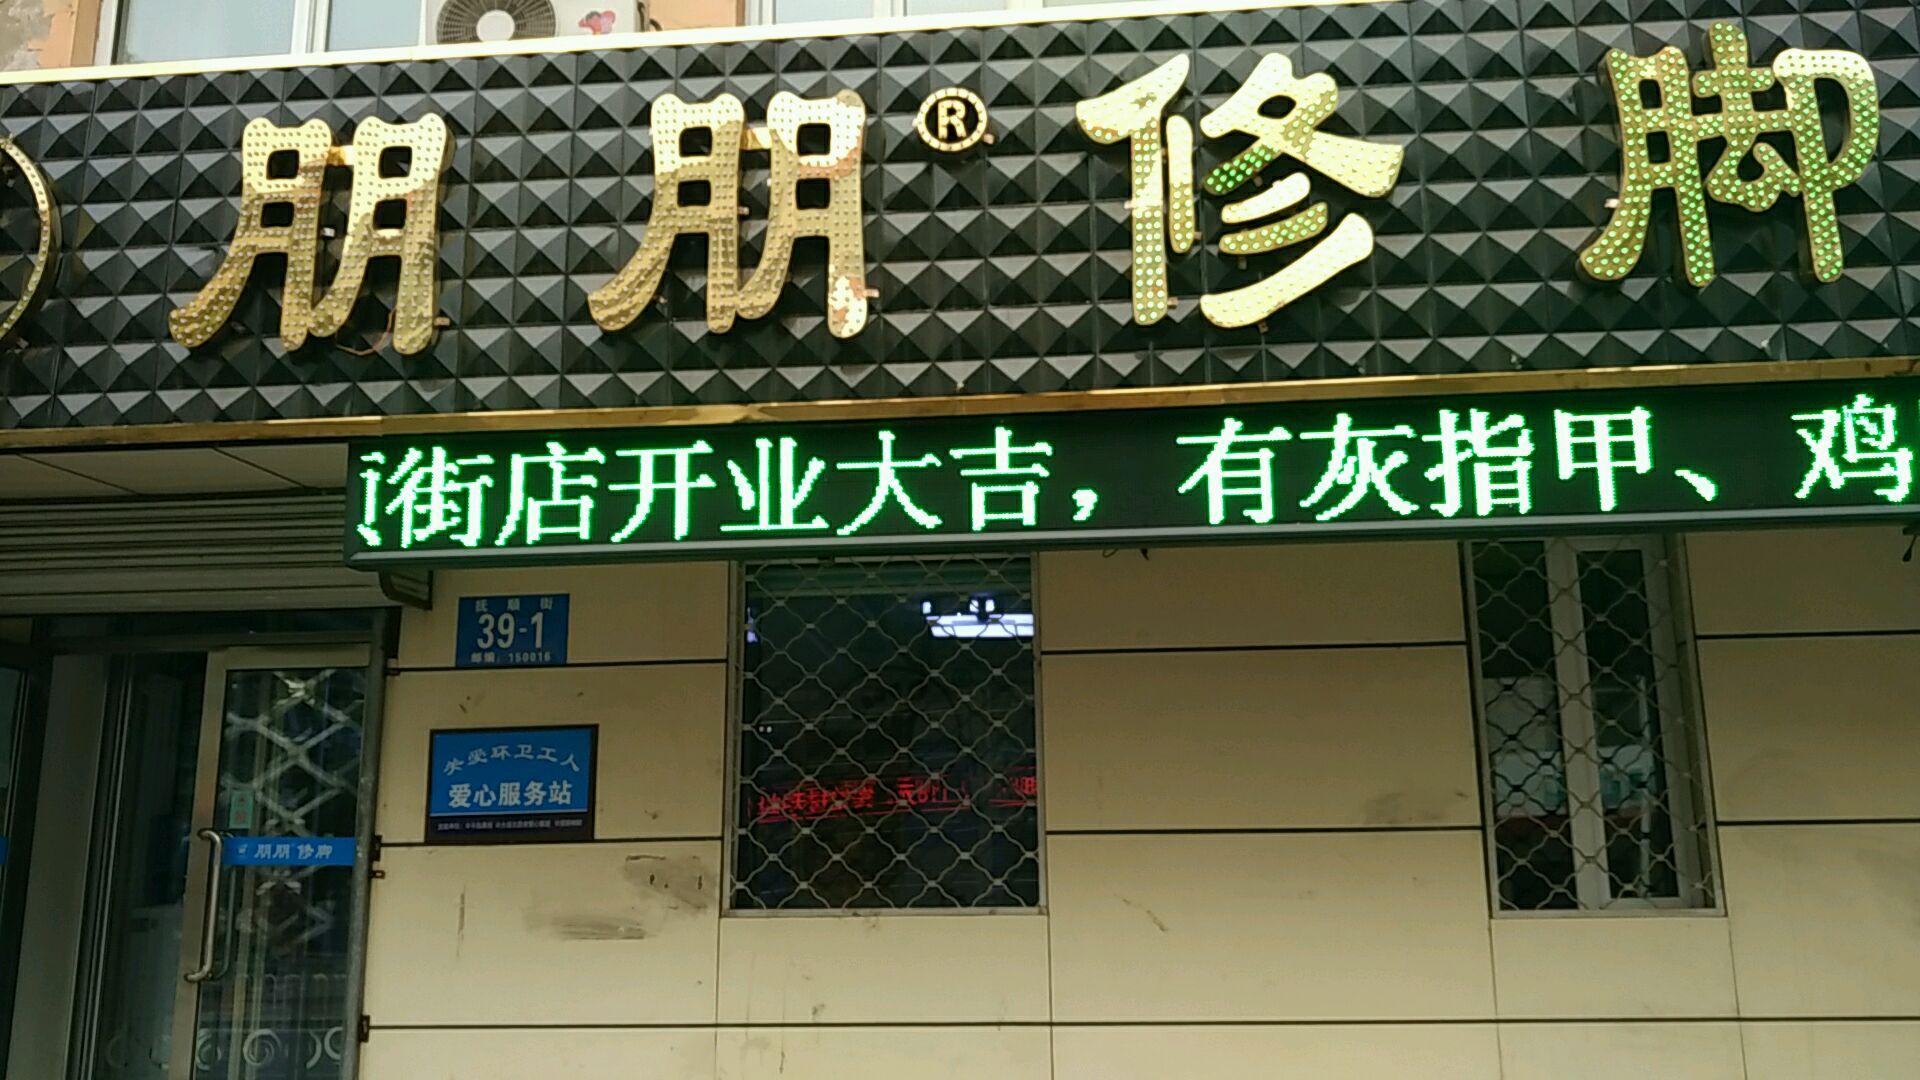 朋朋修脚(哈尔滨抚顺街店)